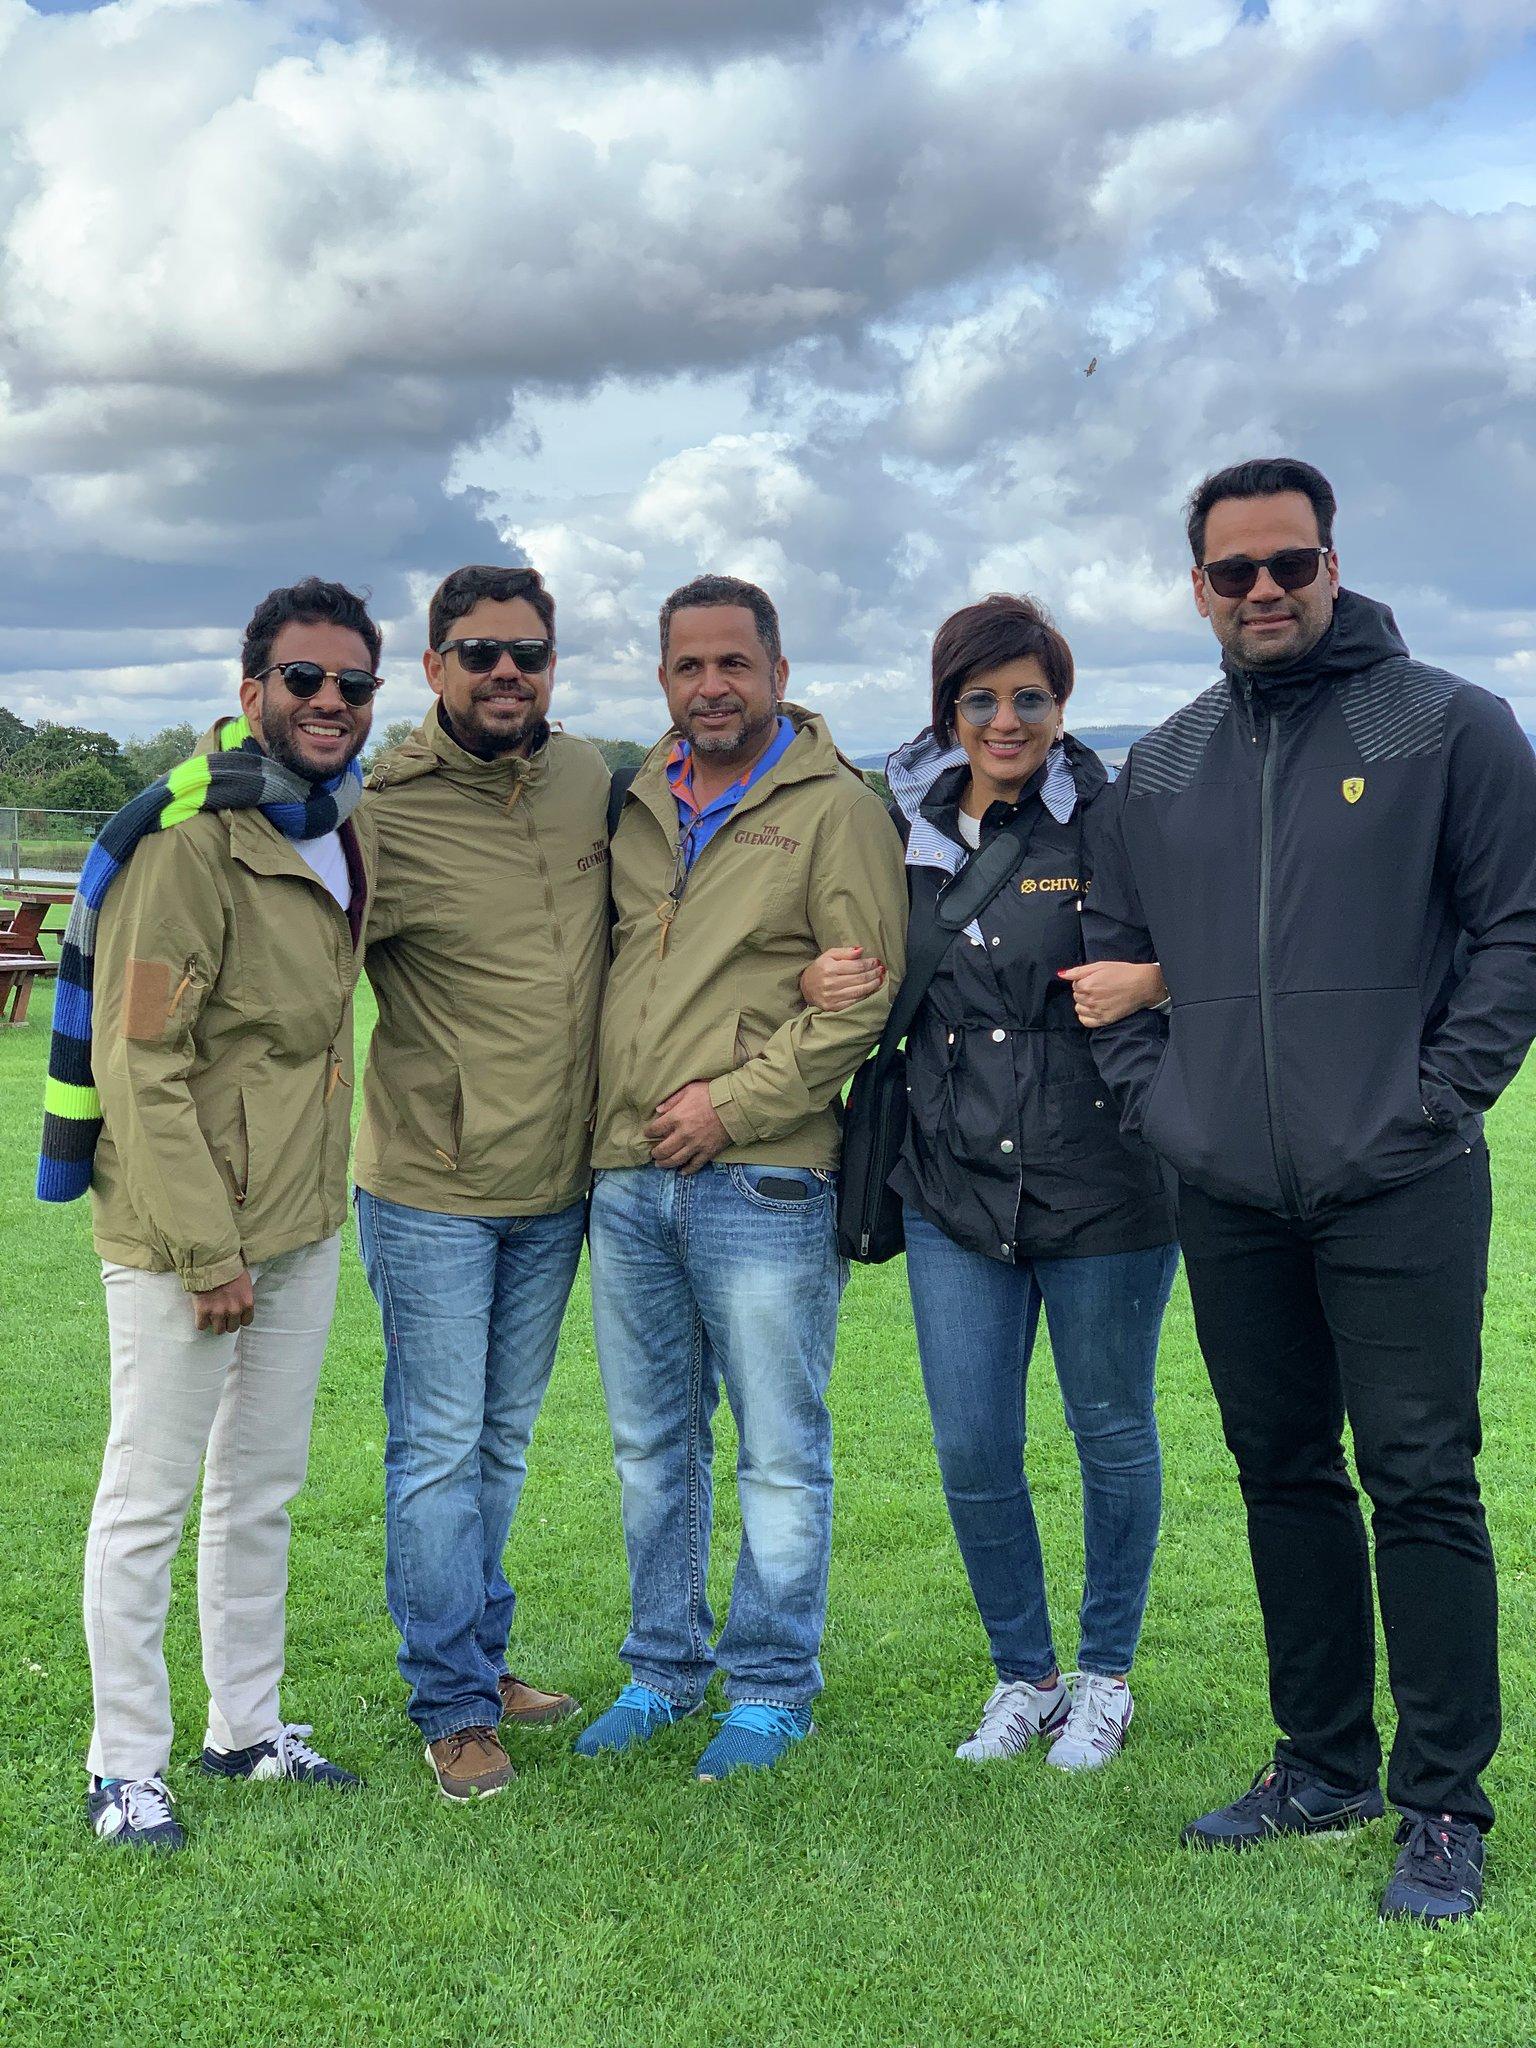 Foto Principal 02 - Oscar De Castro, Carlos Núñez, Lorenzo Rojas, Maireline Abreu y Víctor Matos